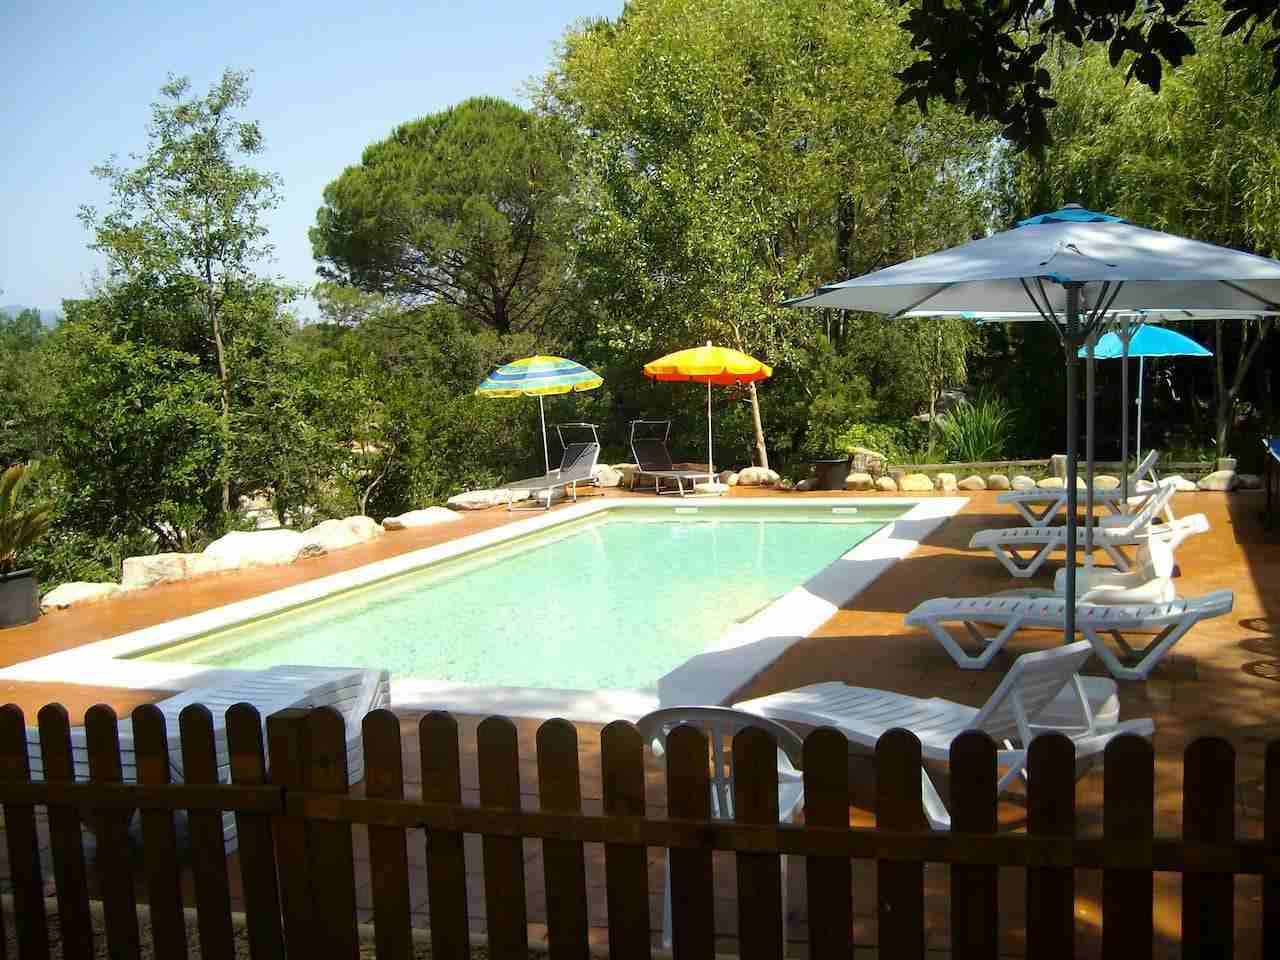 Alquiler vacaciones en Sils, Girona